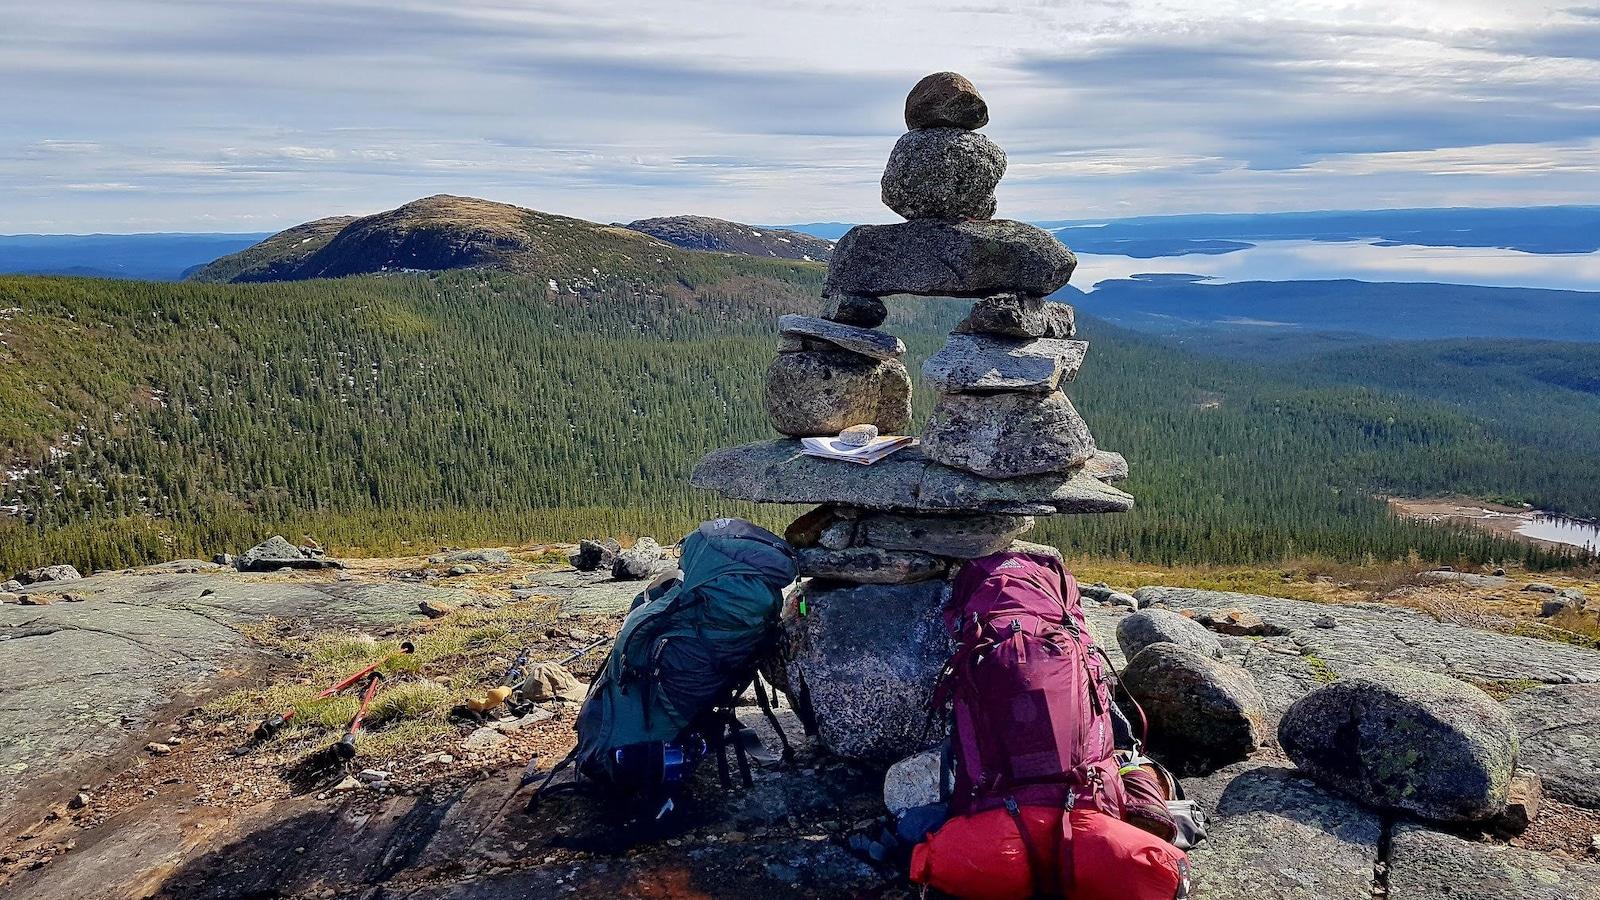 Massif des Monts Groulx.